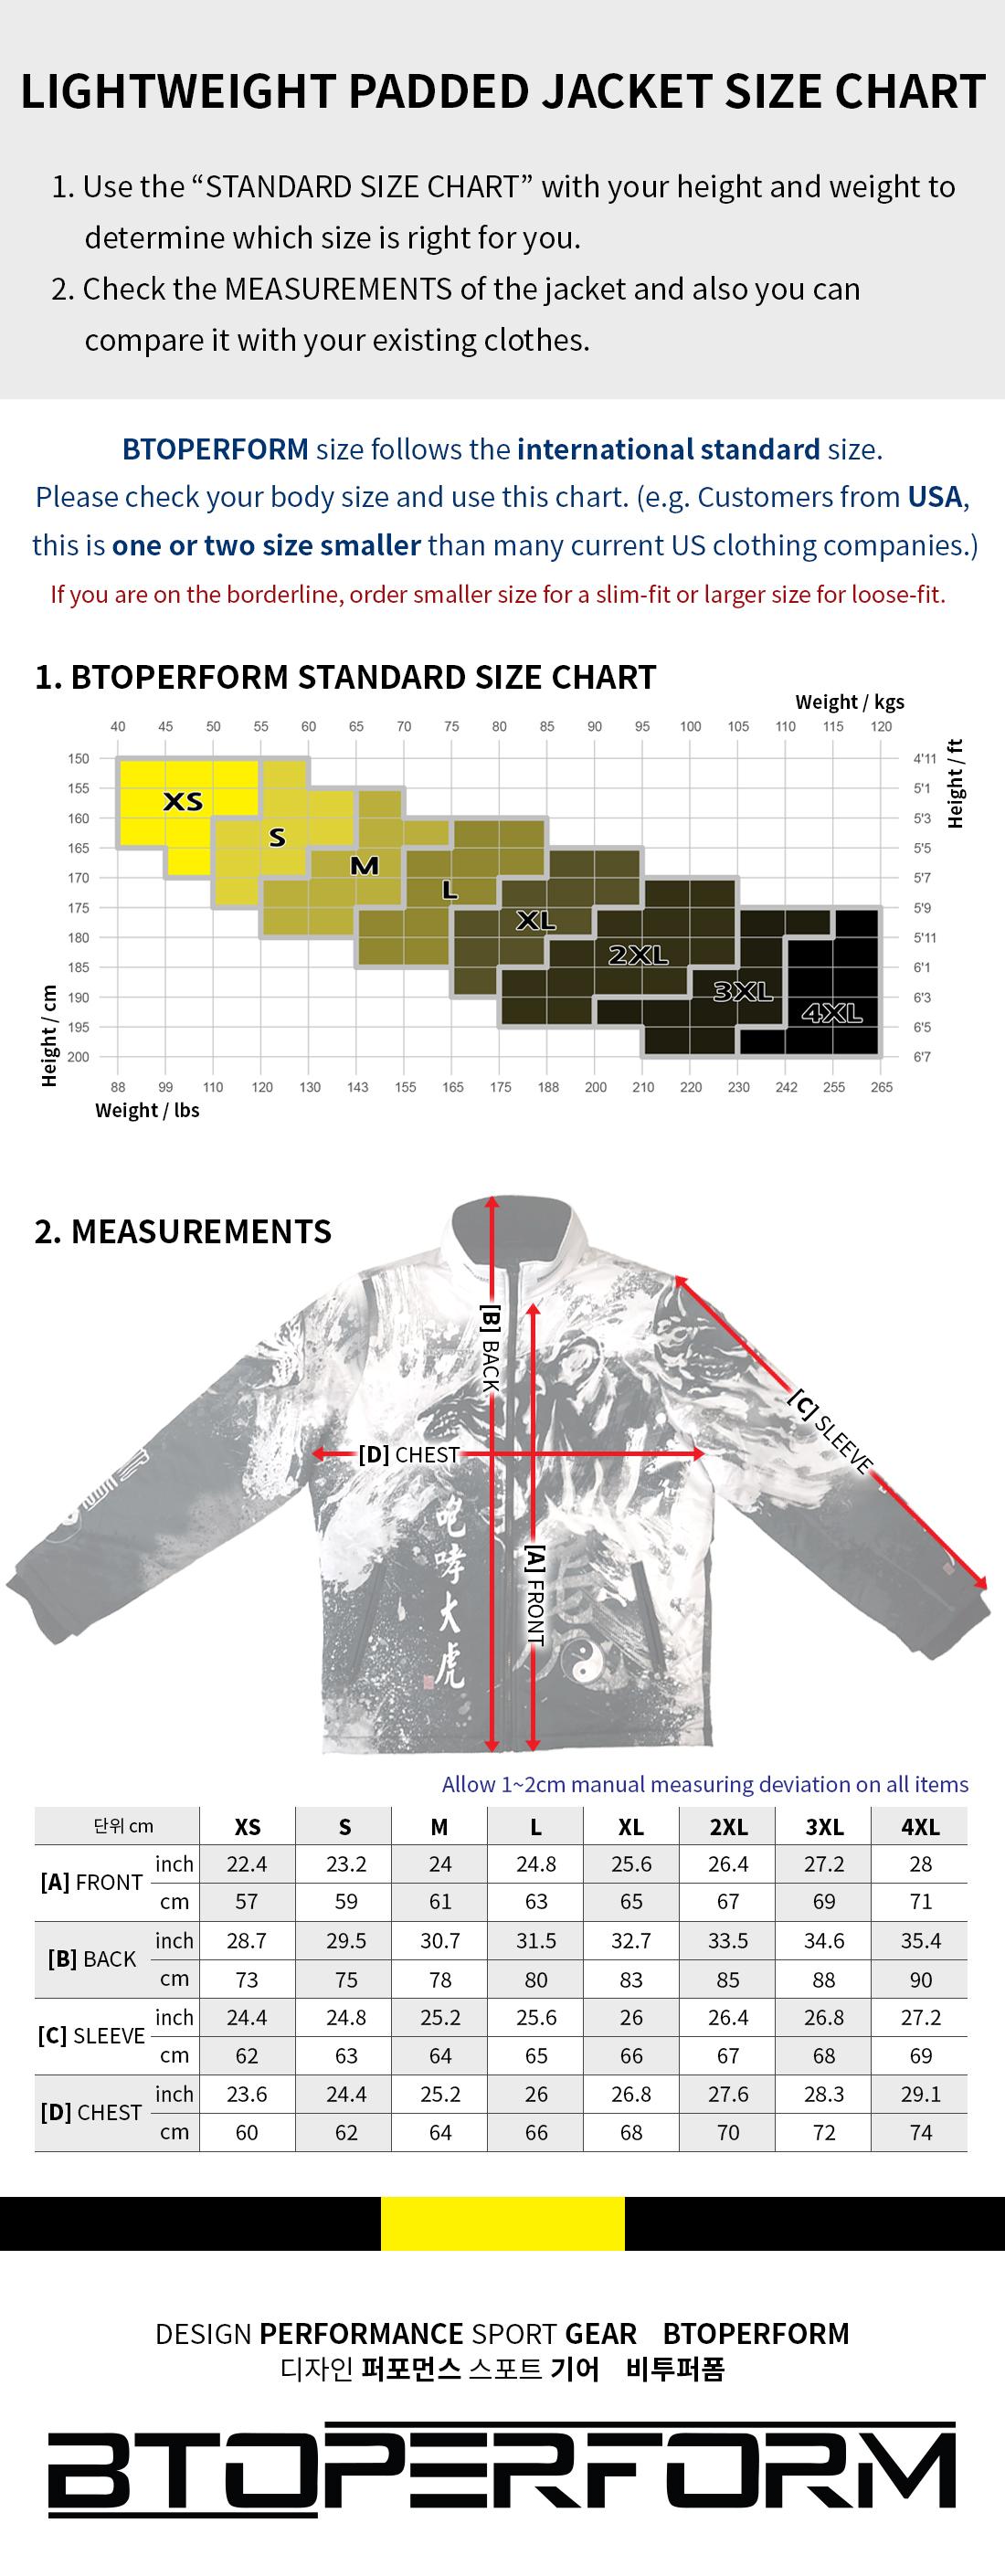 pd-size-chart-eng-2.jpg